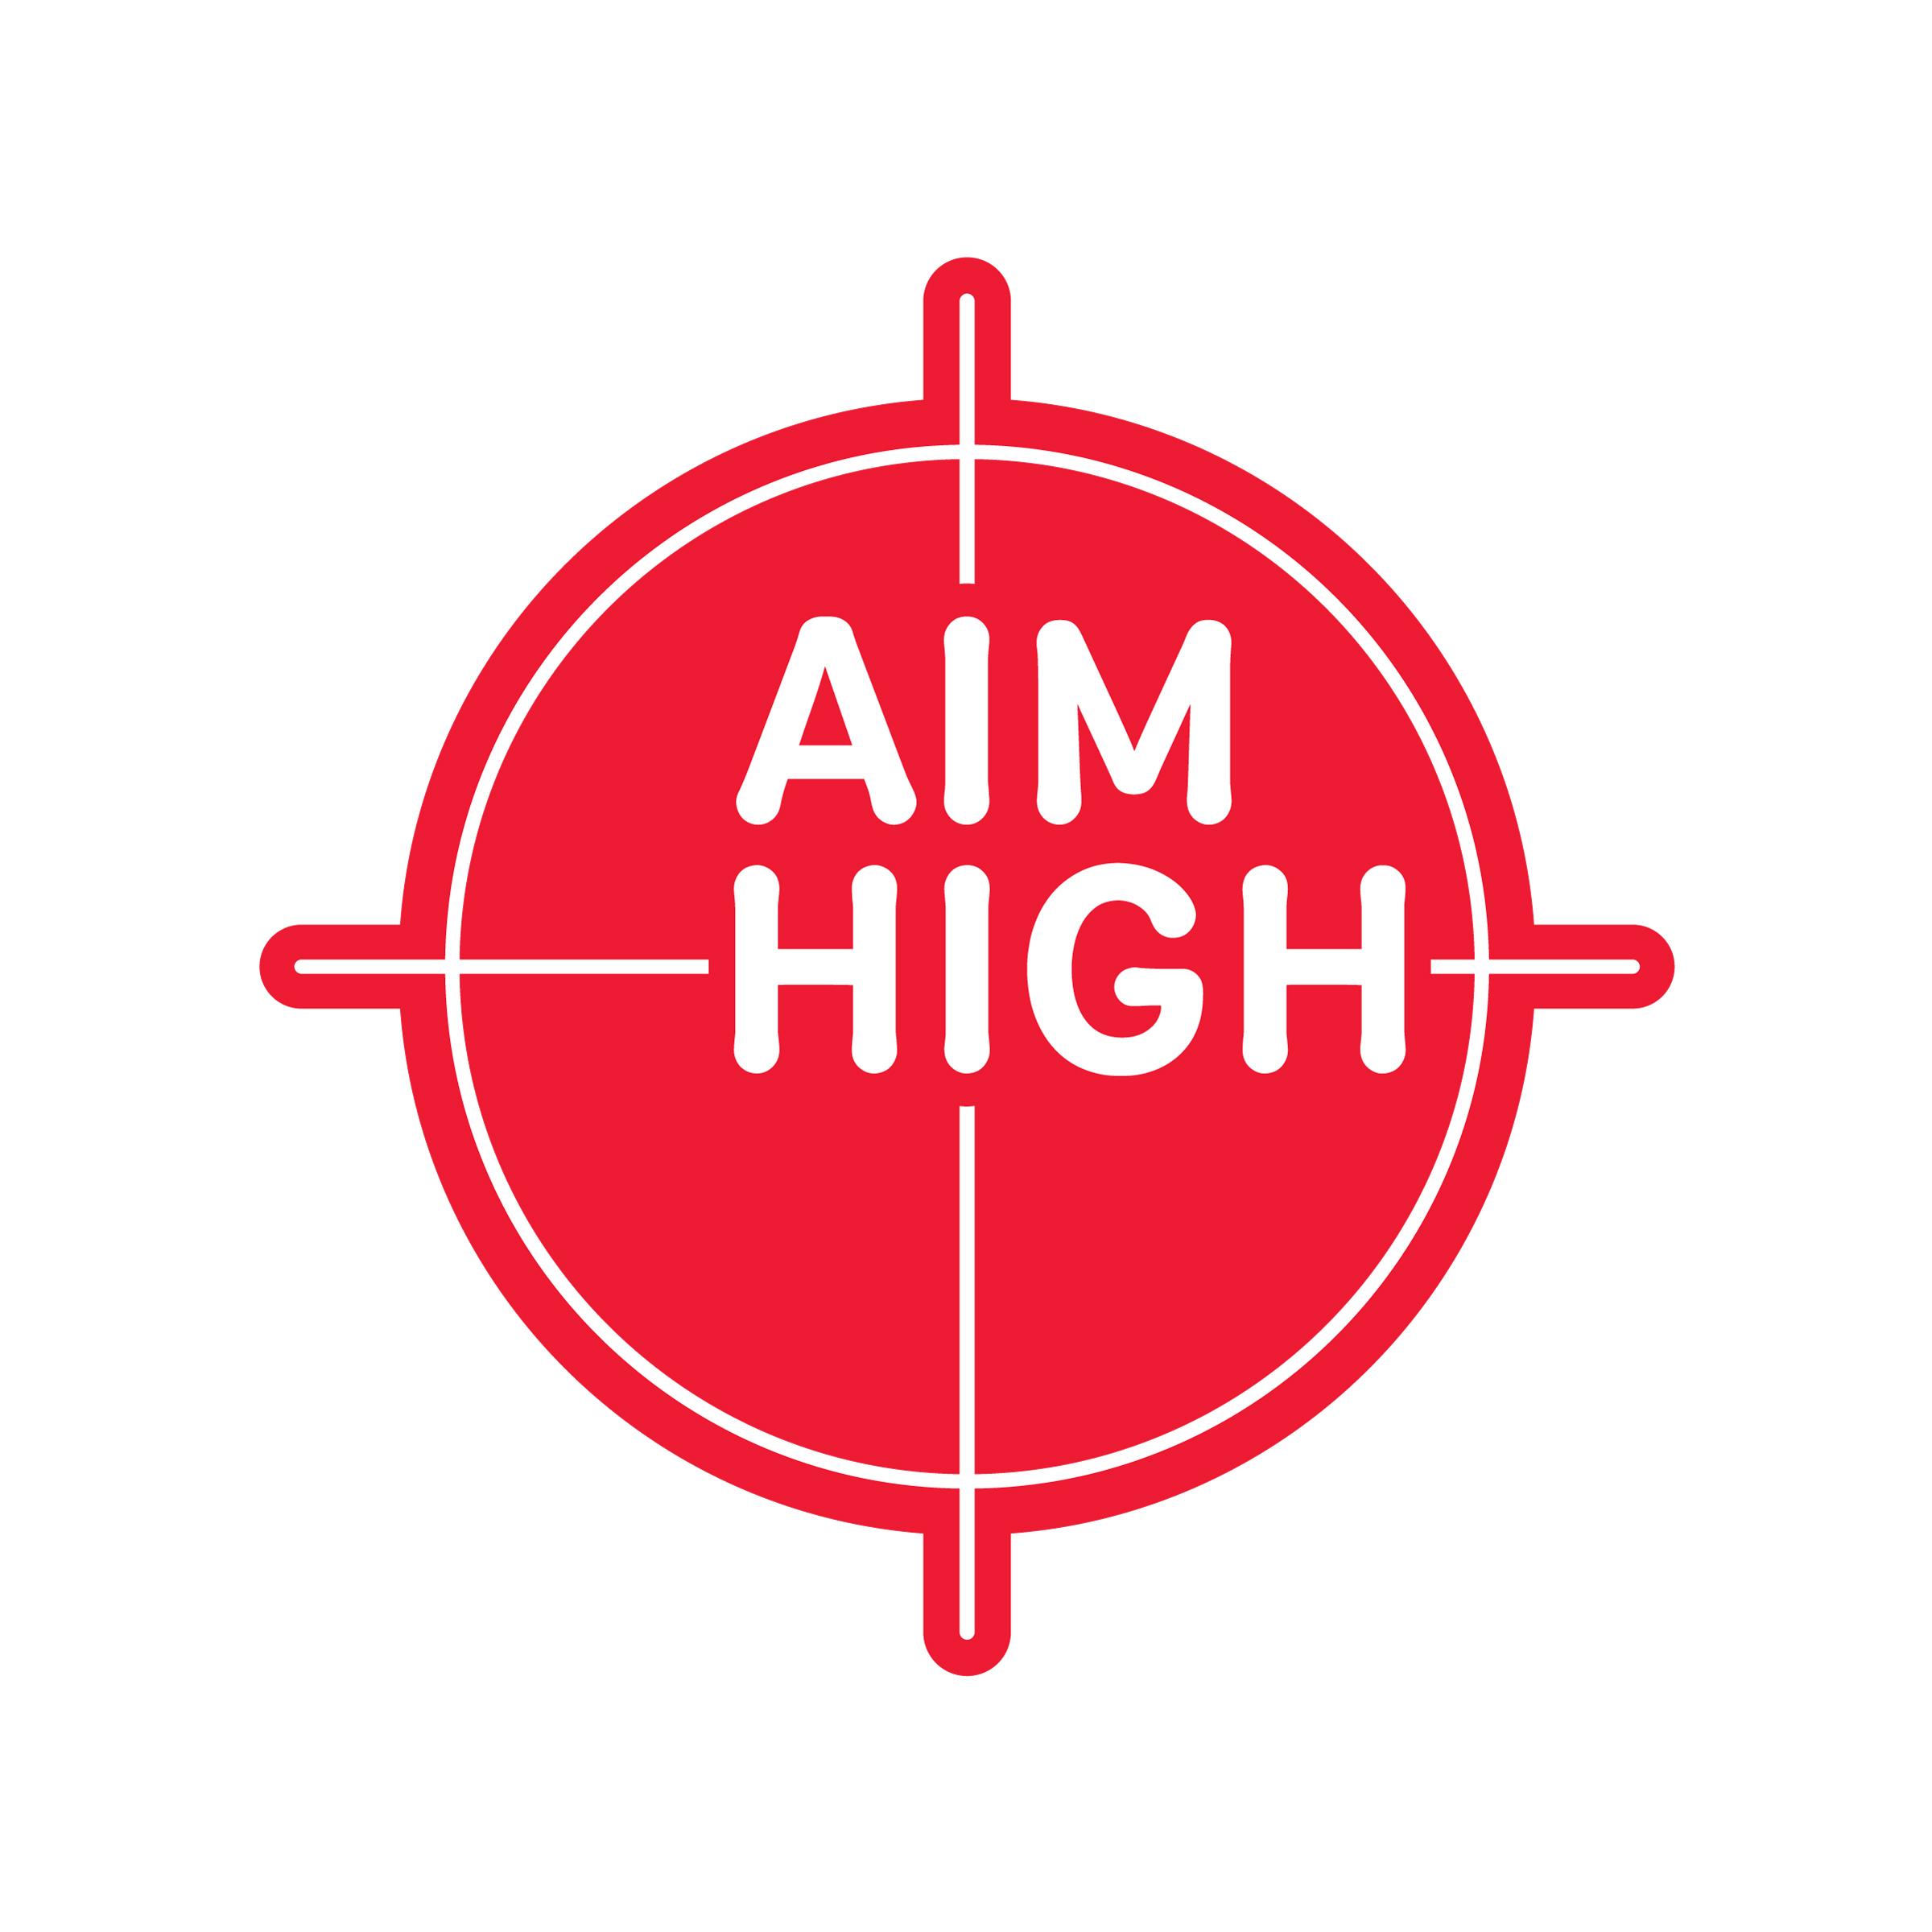 Aim High Project - Caia Park Partnership, Wrexham